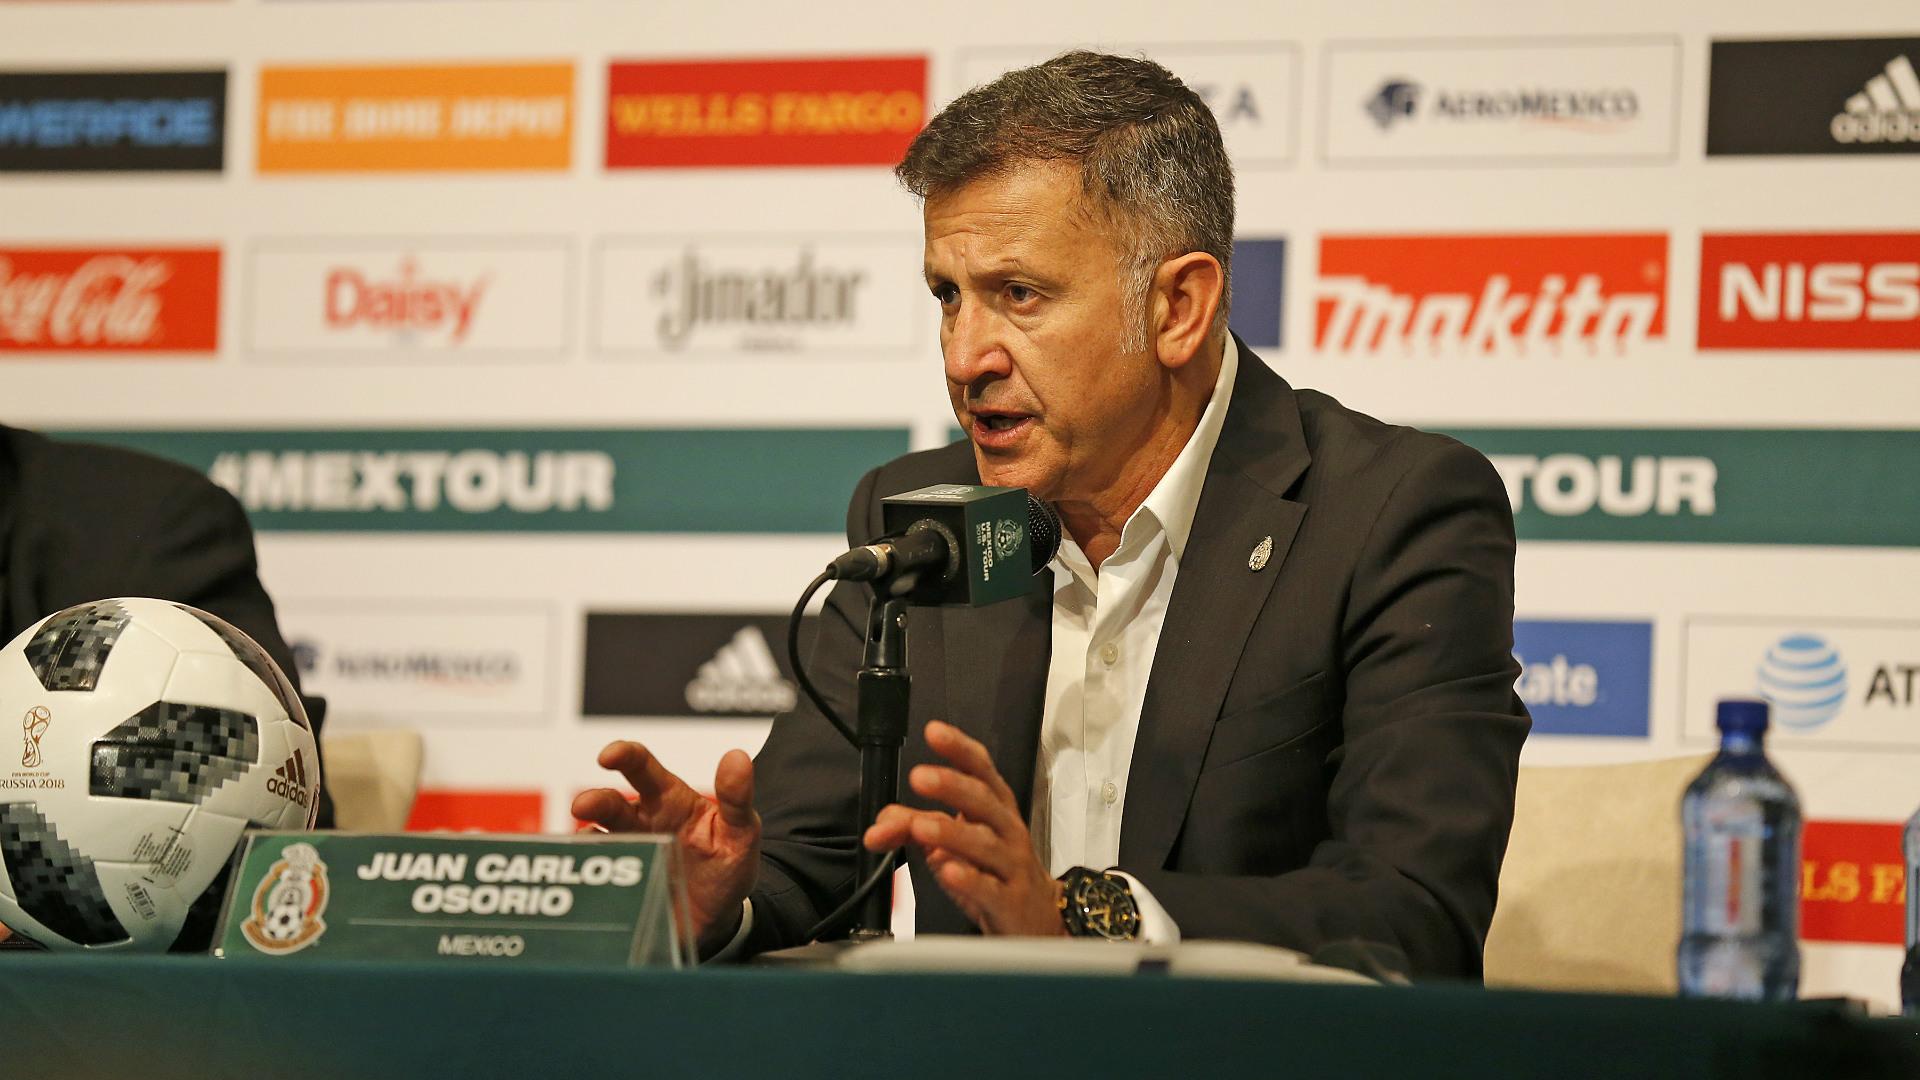 México no tiene superatletas por razones culturales: Juan Carlos Osorio